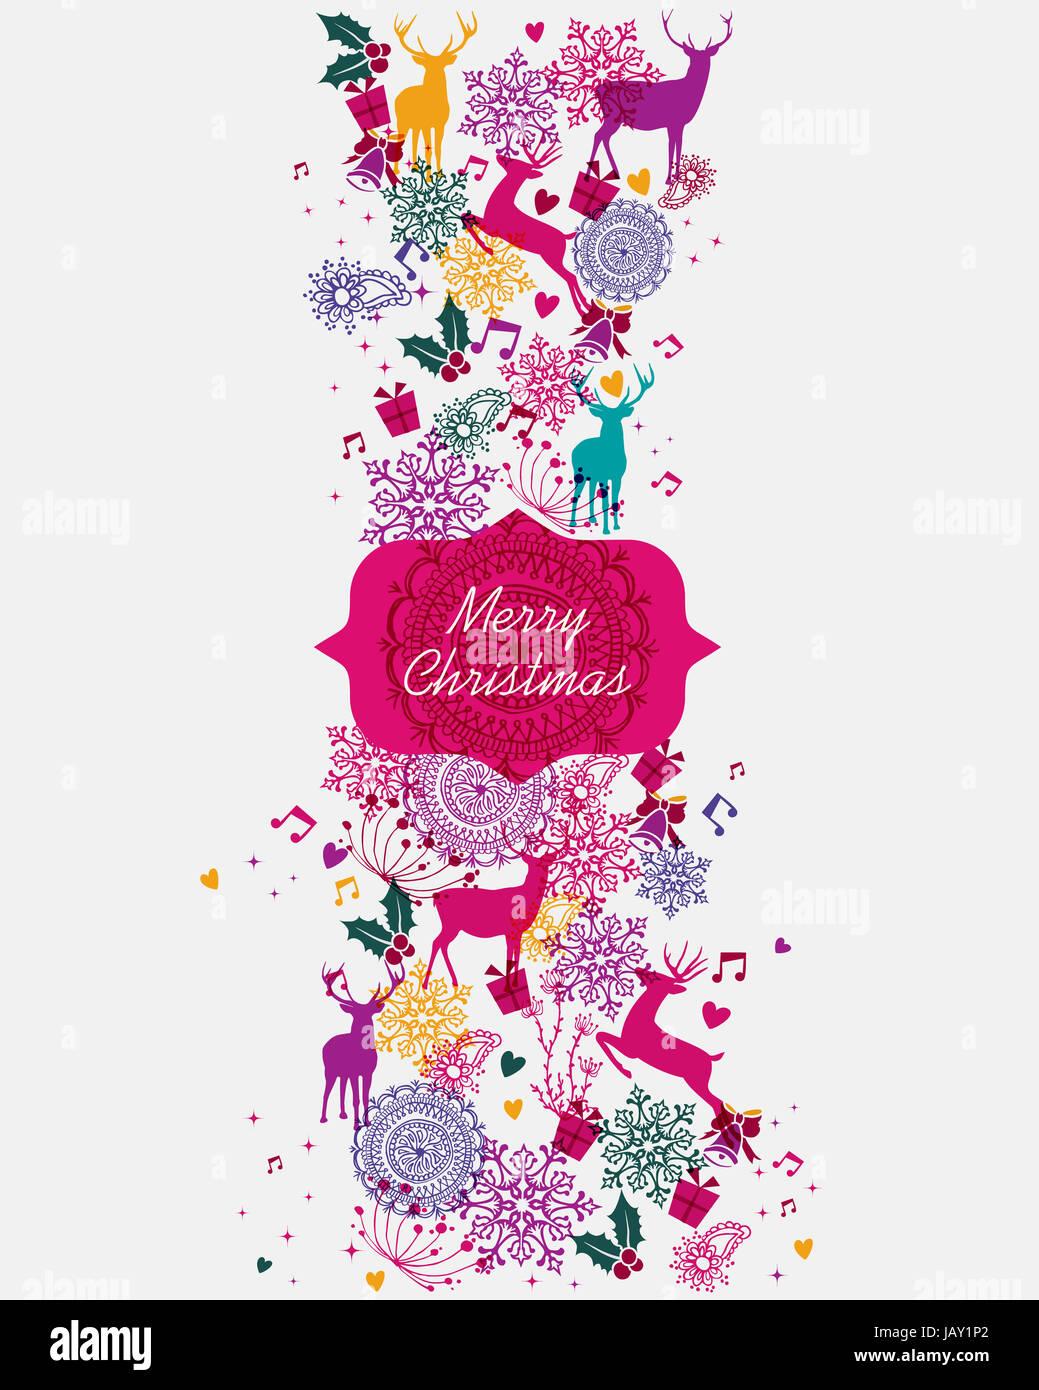 Frohe Weihnachten-Banner lebendige Farben Musterdesign Hintergrund ...